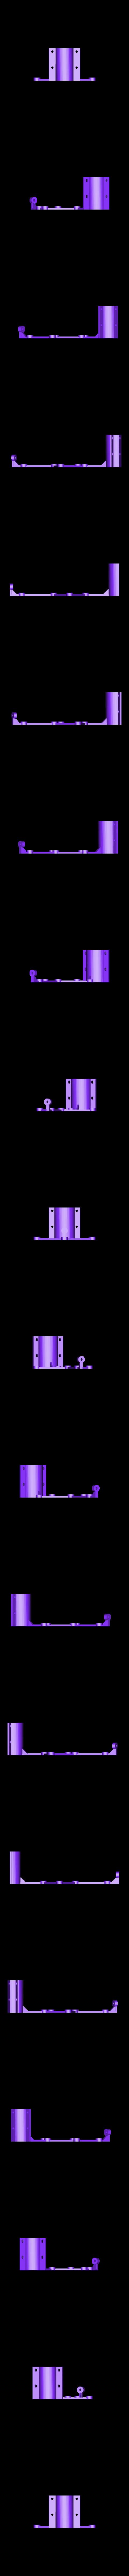 Motor_Holder_Top.STL Télécharger fichier STL gratuit Réducteur uniforme et évolutif (1:256) • Design imprimable en 3D, Ghashnarb